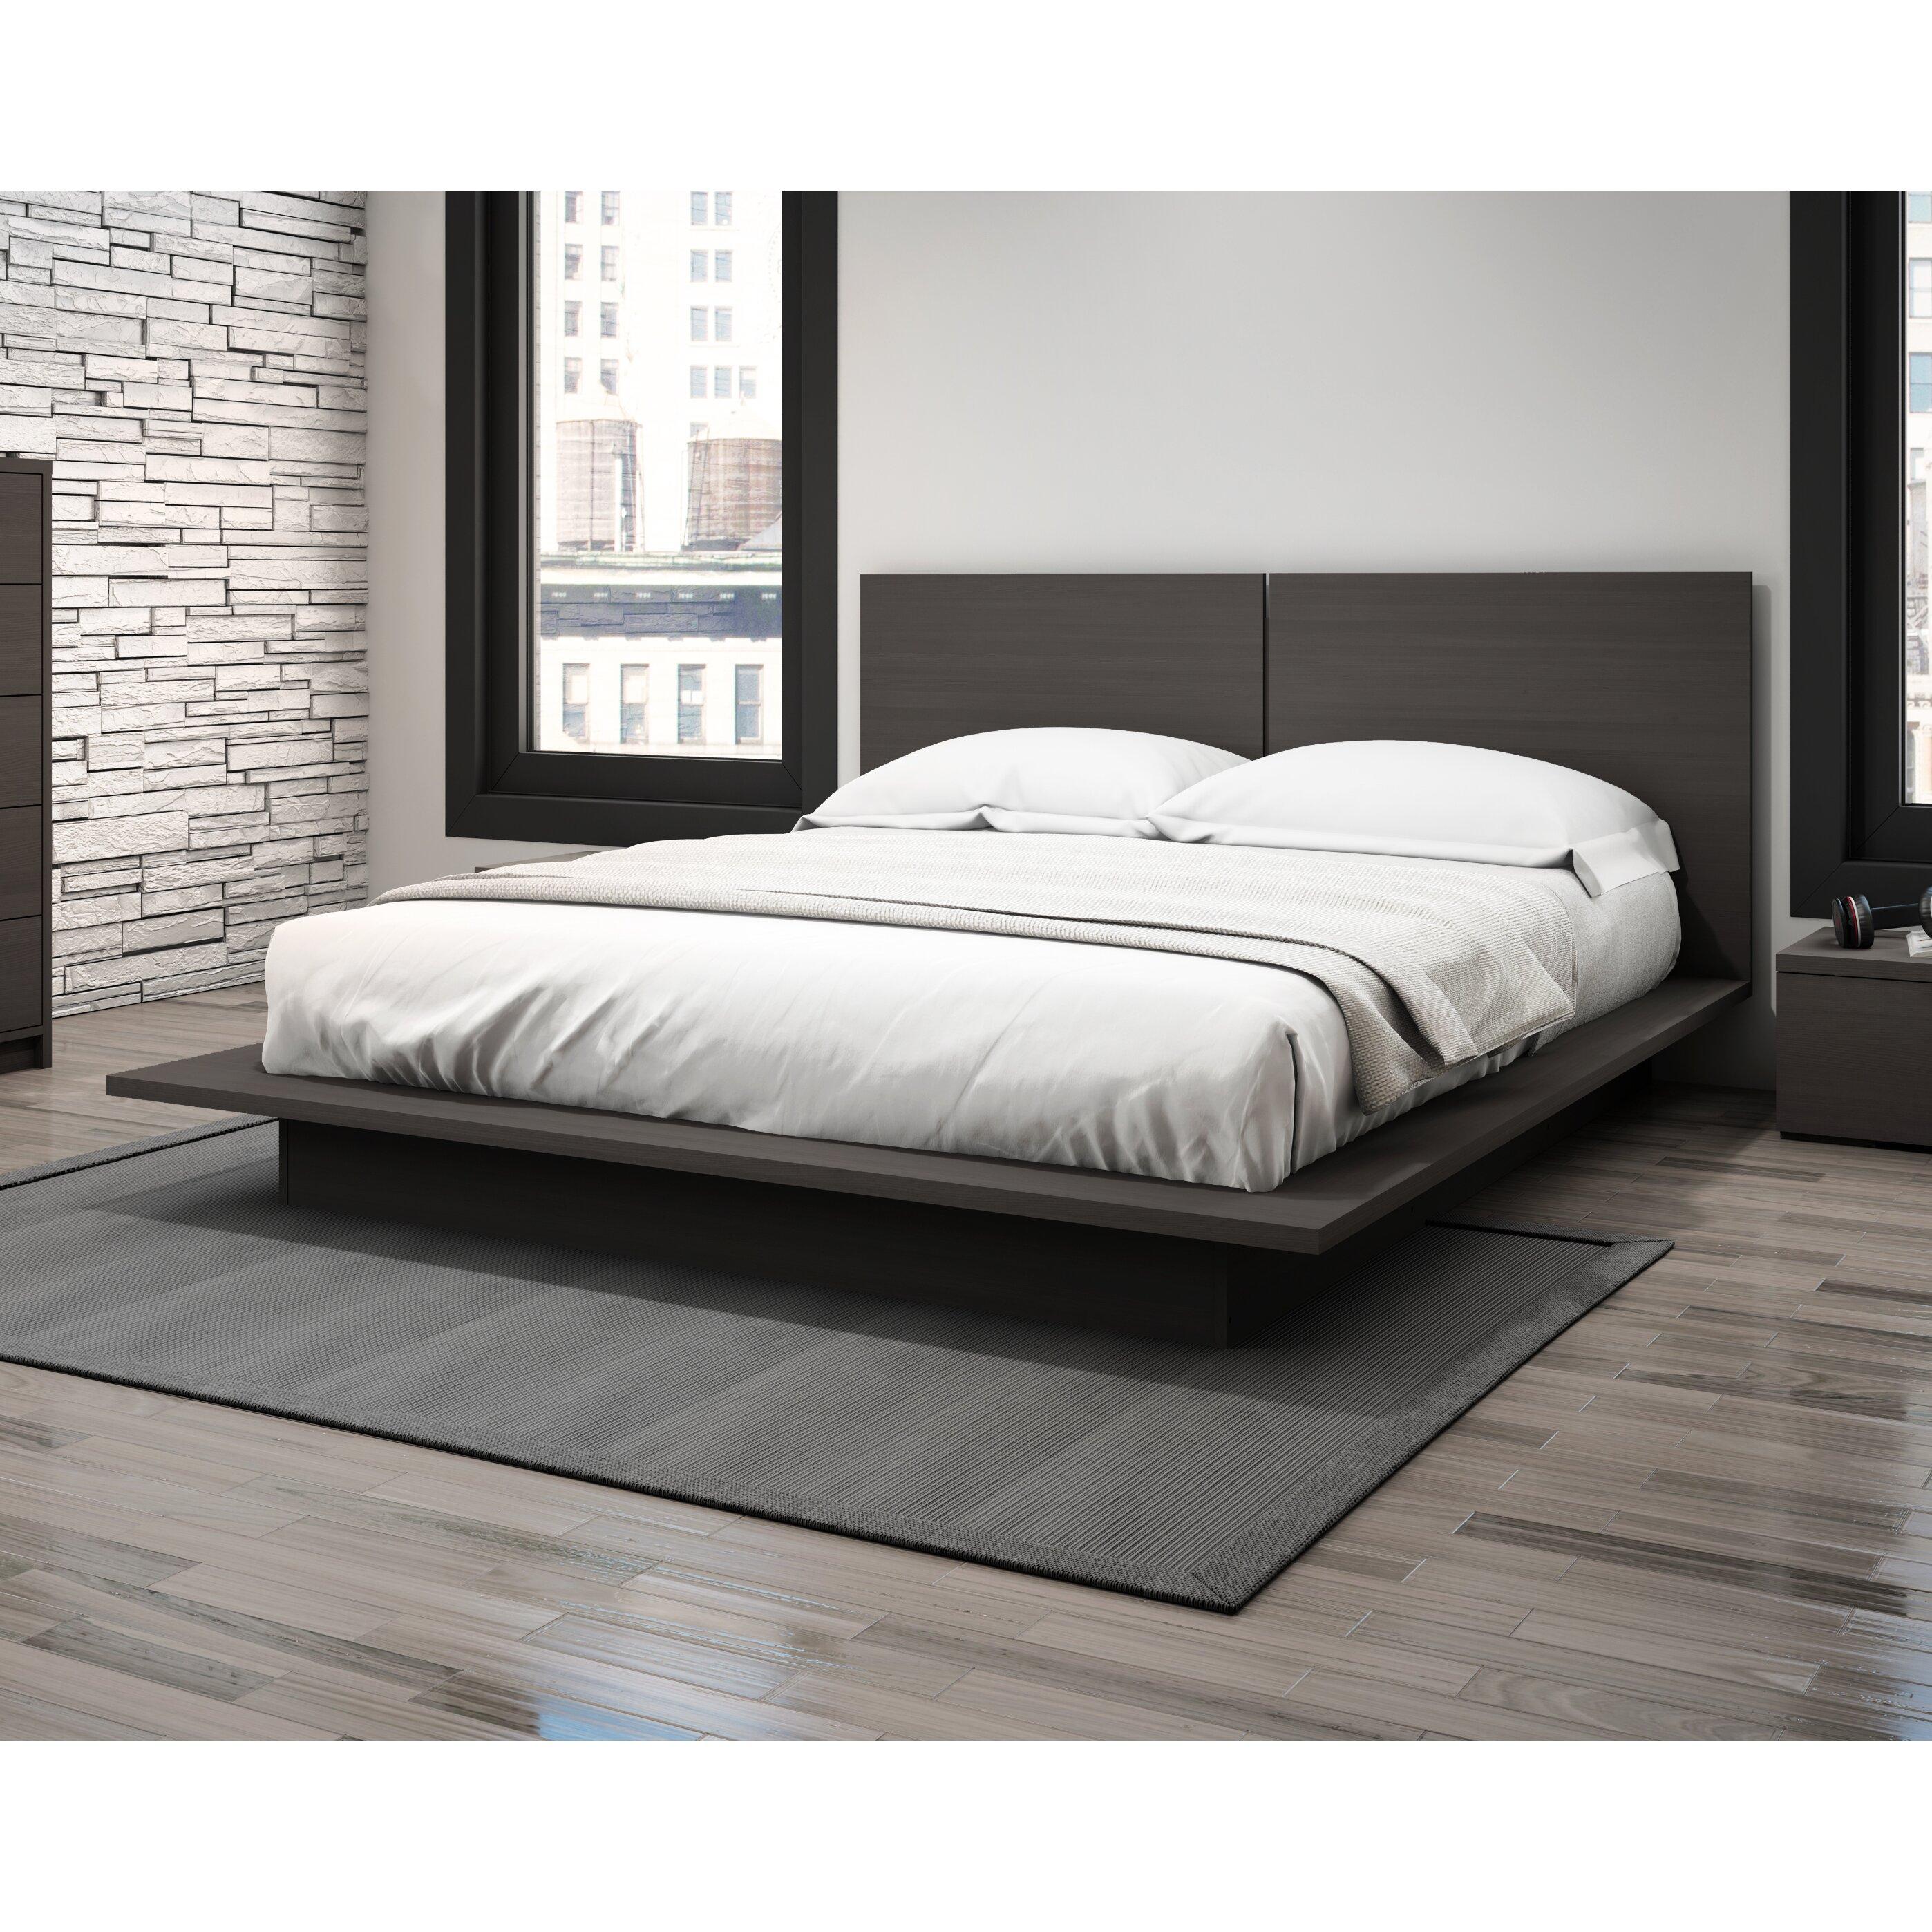 stellar home furniture modena queen platform bed